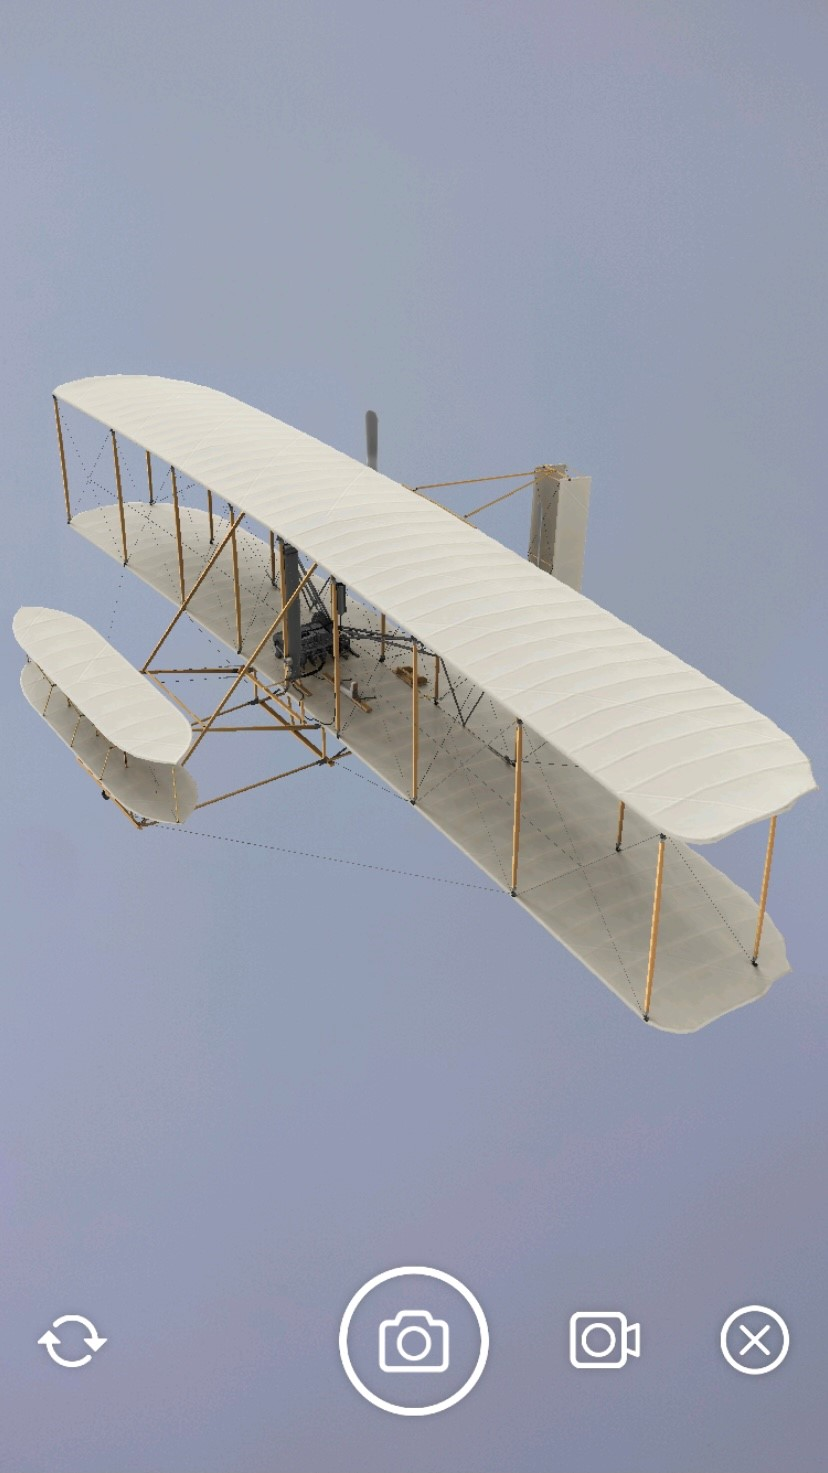 「ライト兄弟の飛行機を再現しました」紙面